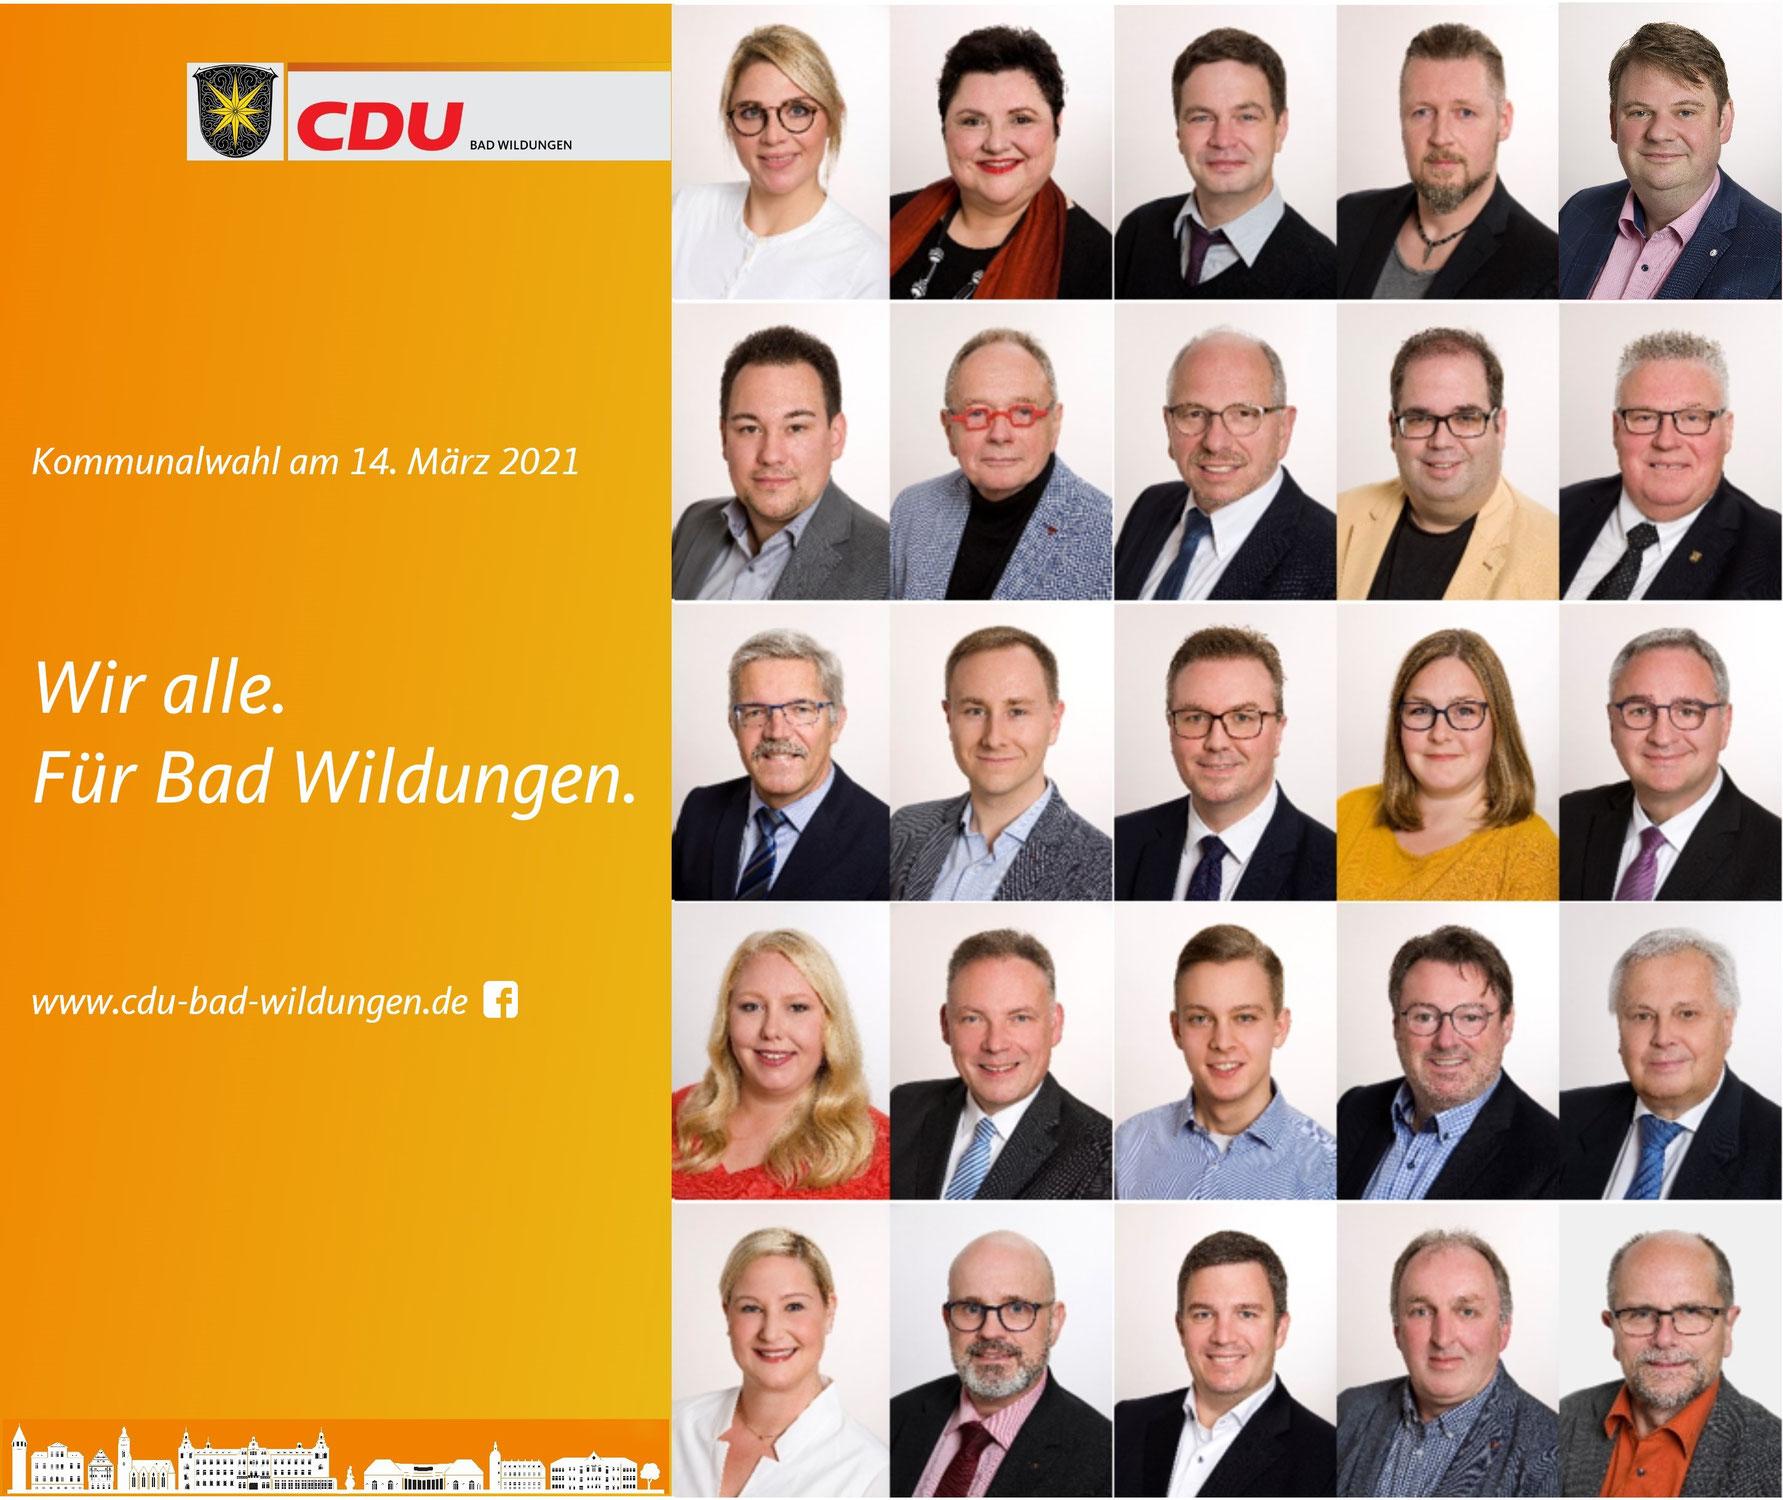 CDU Liste für die Kommunalwahl